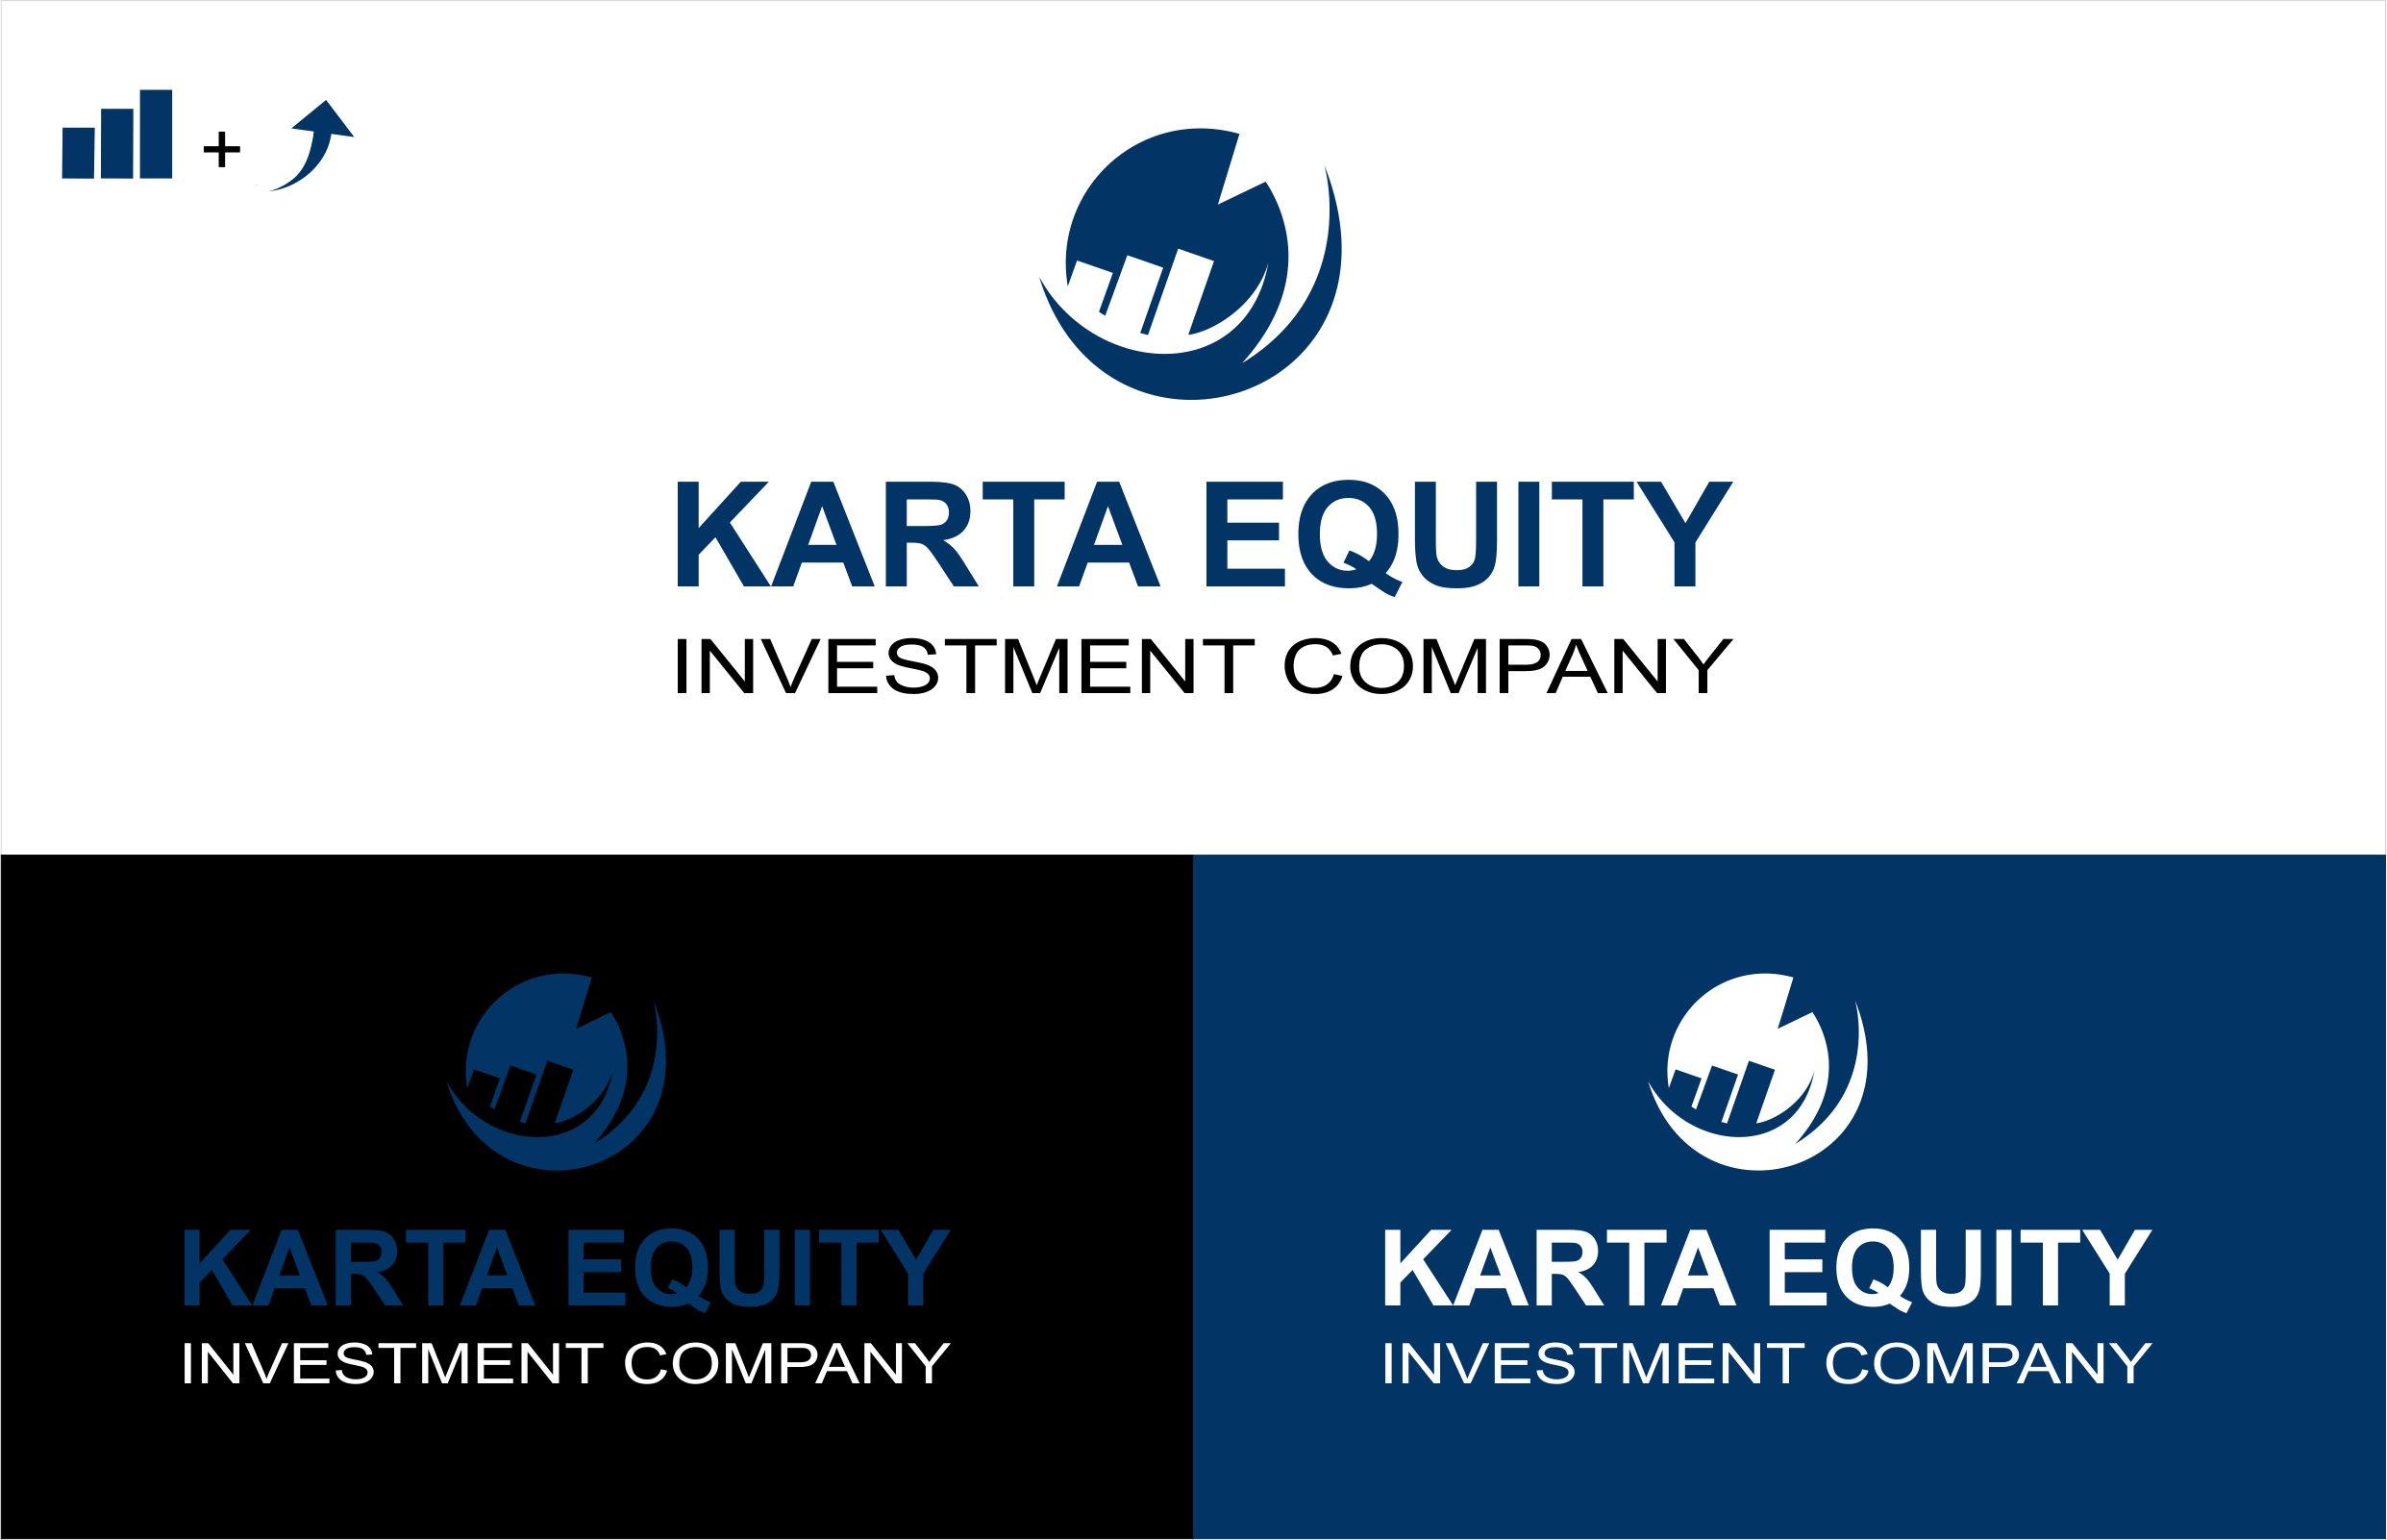 Логотип для компании инвестироваюшей в жилую недвижимость фото f_9115e1a3caf03e1b.jpg